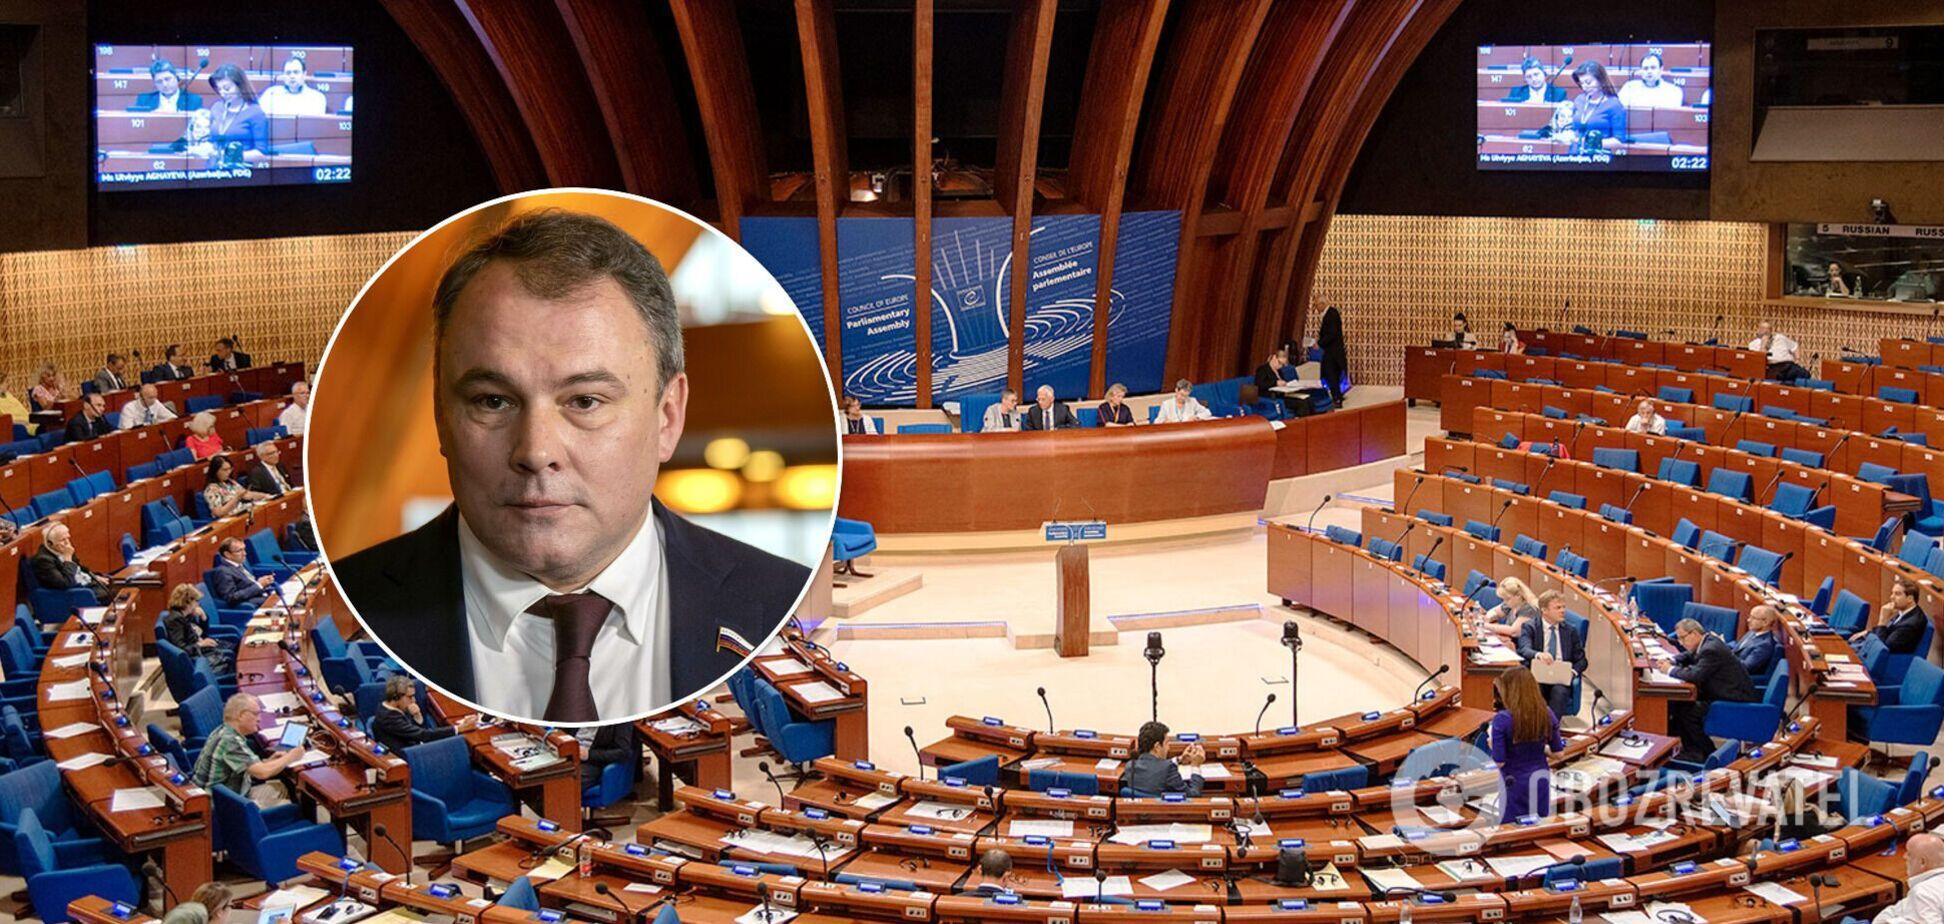 Российская делегация покинула заседание ПАСЕ из-за резолюции 'злобных соседей' Украины